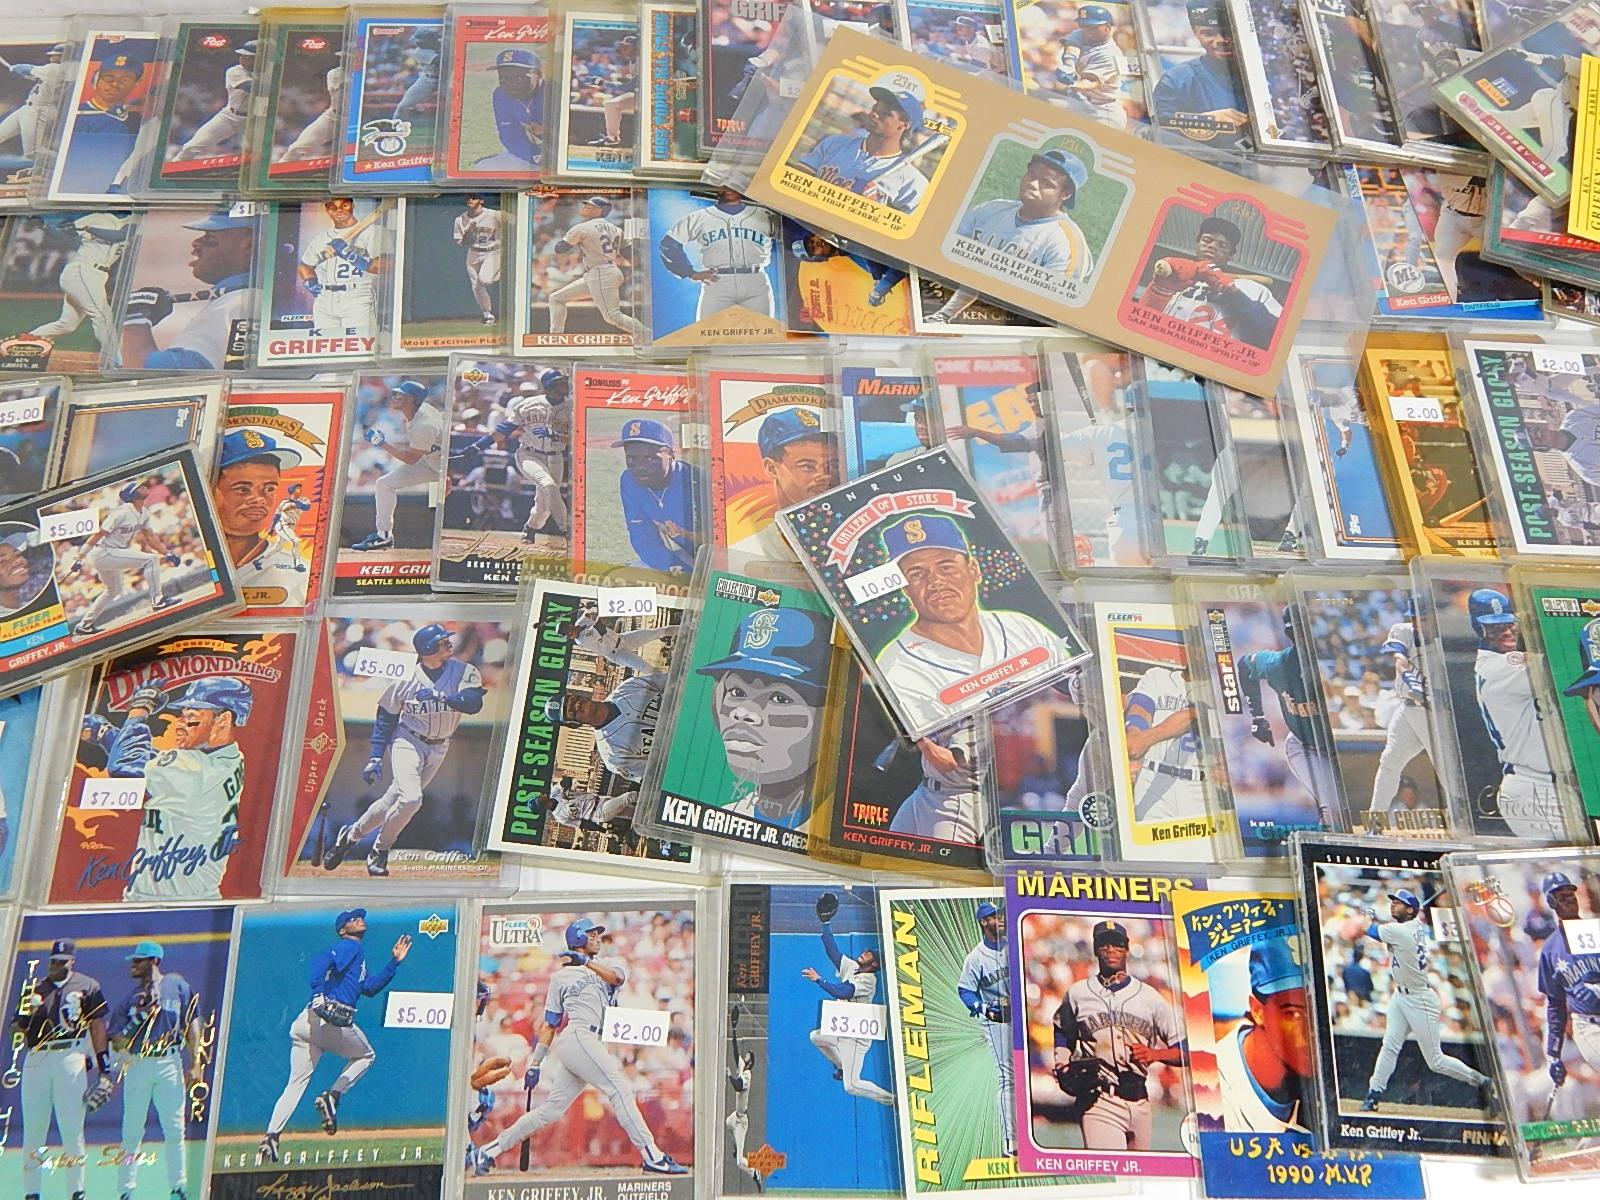 Over 80 Ken Griffey Jr. Baseball Insert Cards